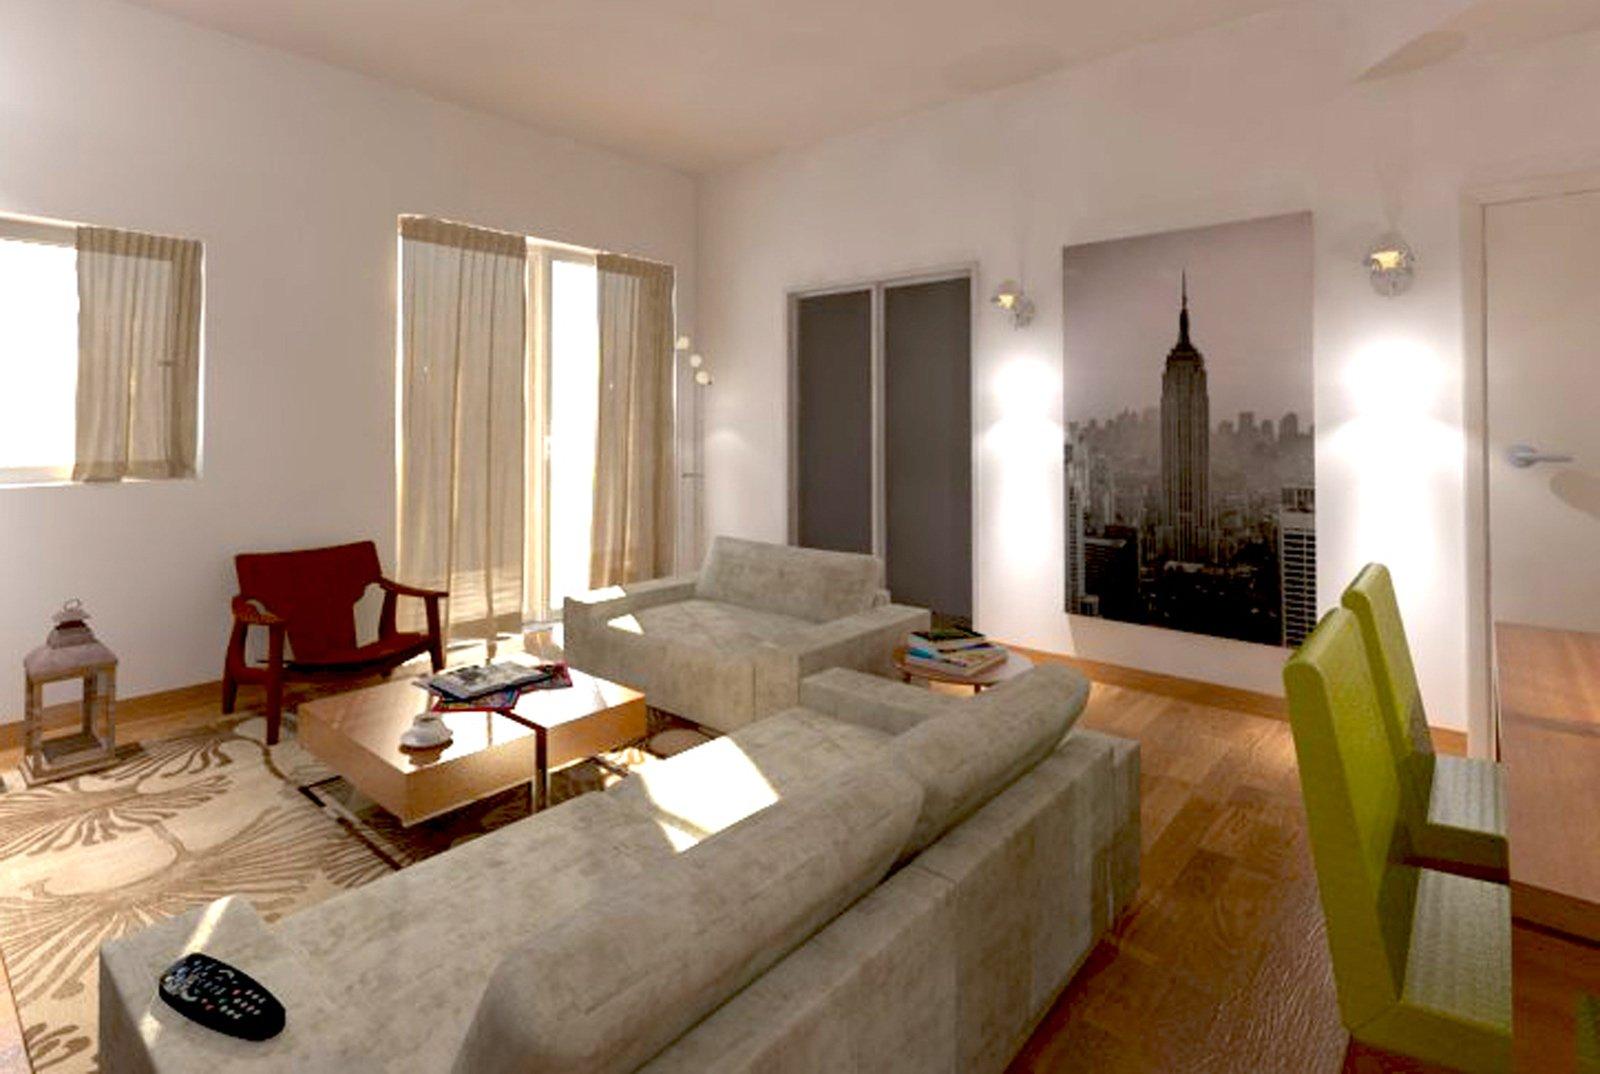 Disposizione Del Divano In Soggiorno - Idee per interni per la casa ...